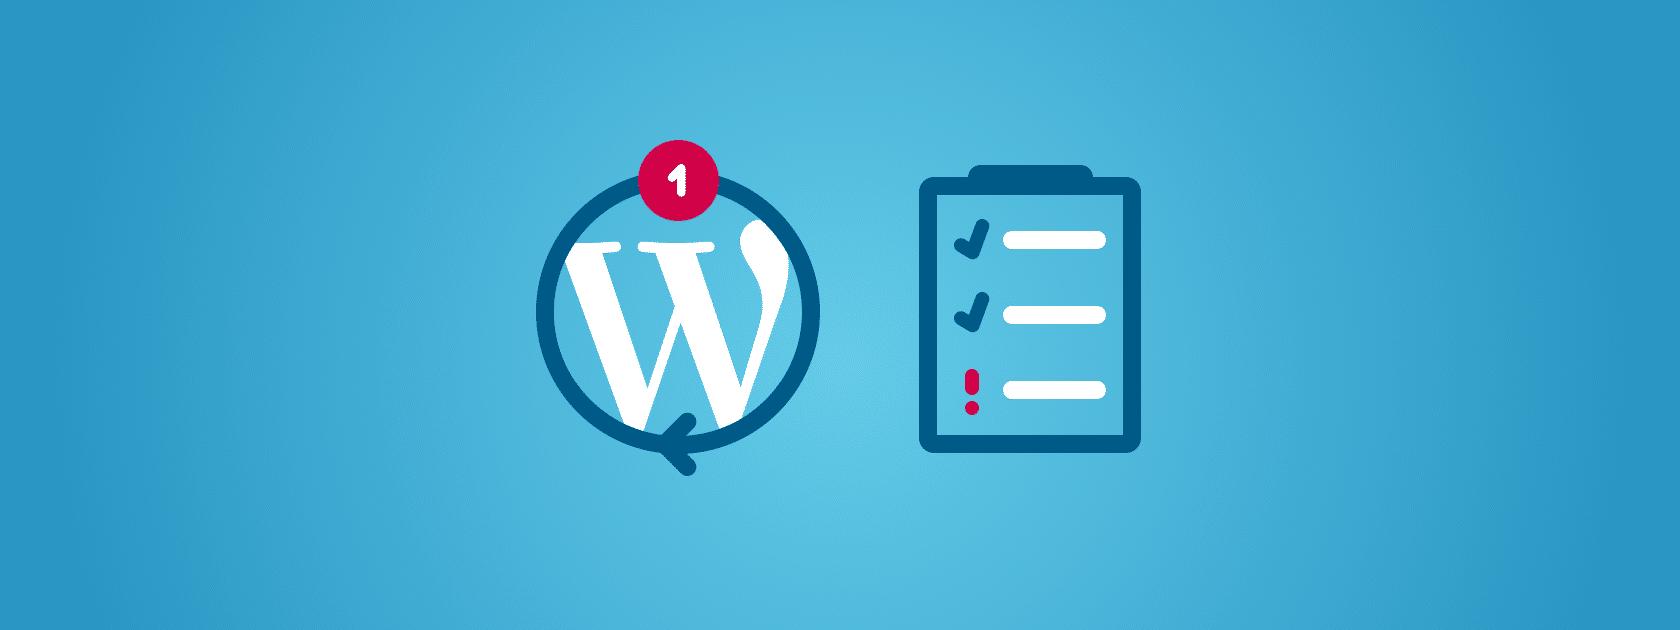 servizio aggiornamento wordpress